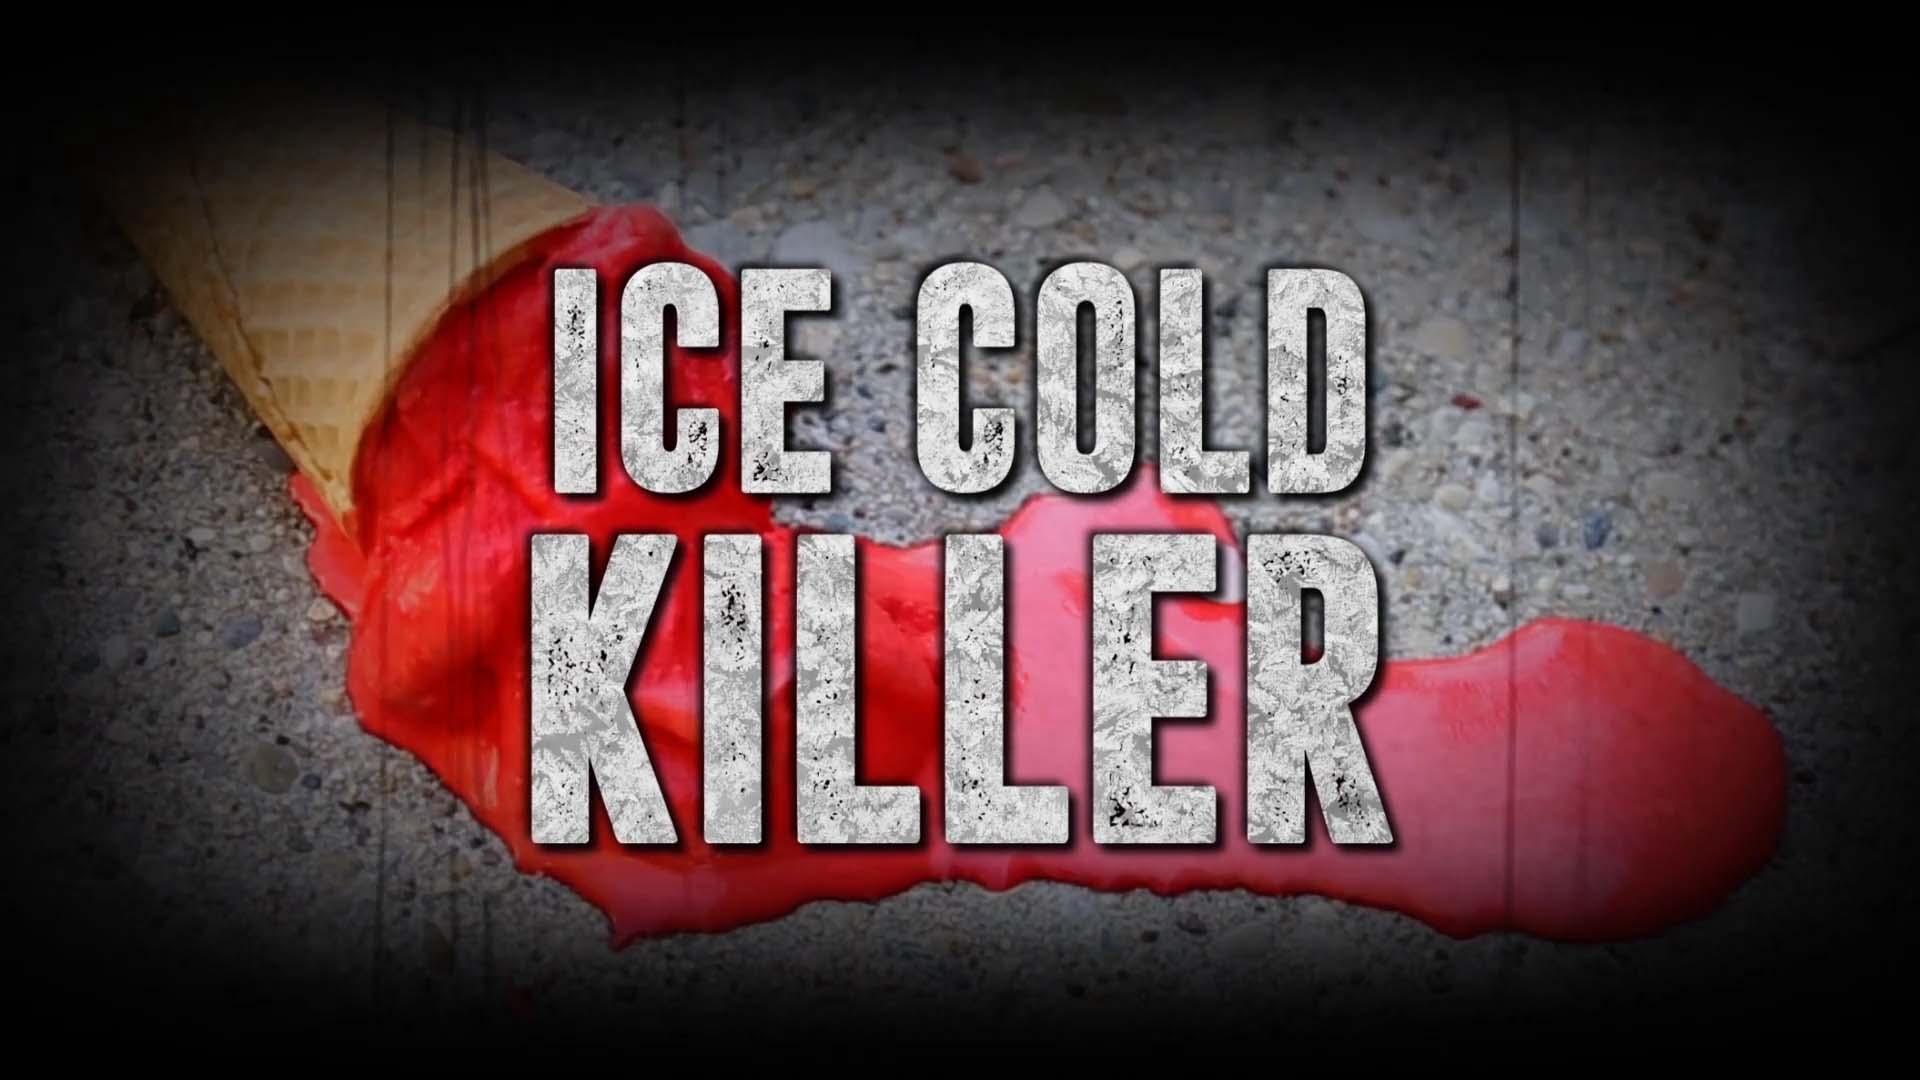 Sweeps_Ice Cold Killer_plate_1556133291021.jpg.jpg